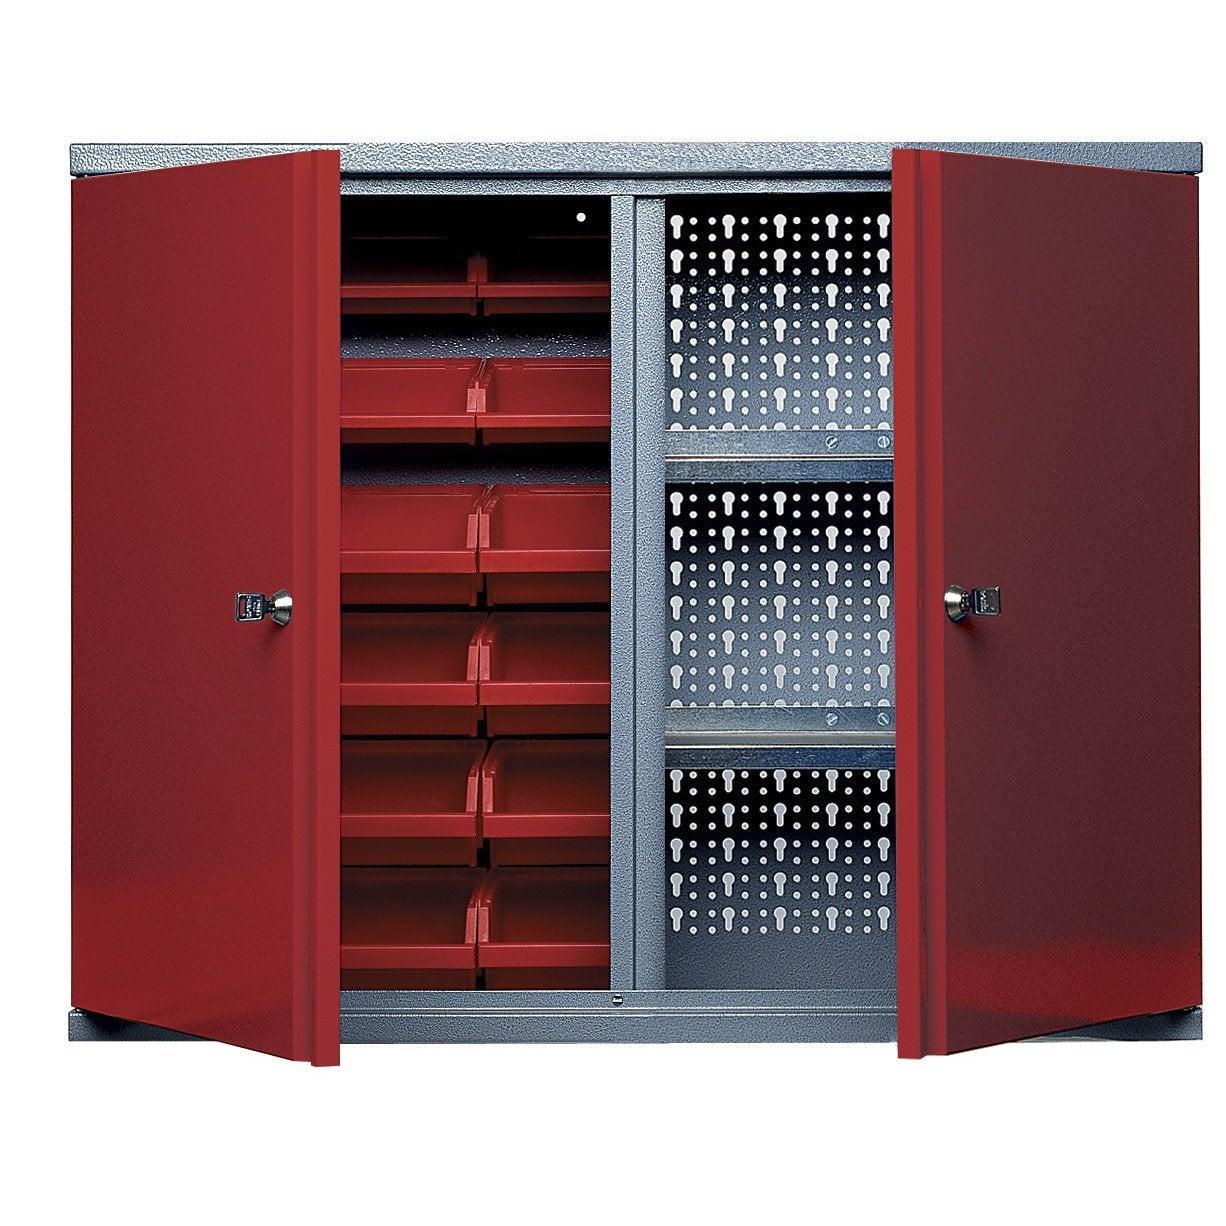 Armoire de rangement avec 18 bo tes becs en m tal rouge kupper 60 cm 2 portes leroy merlin - Armoire de rangement en plastique leroy merlin ...